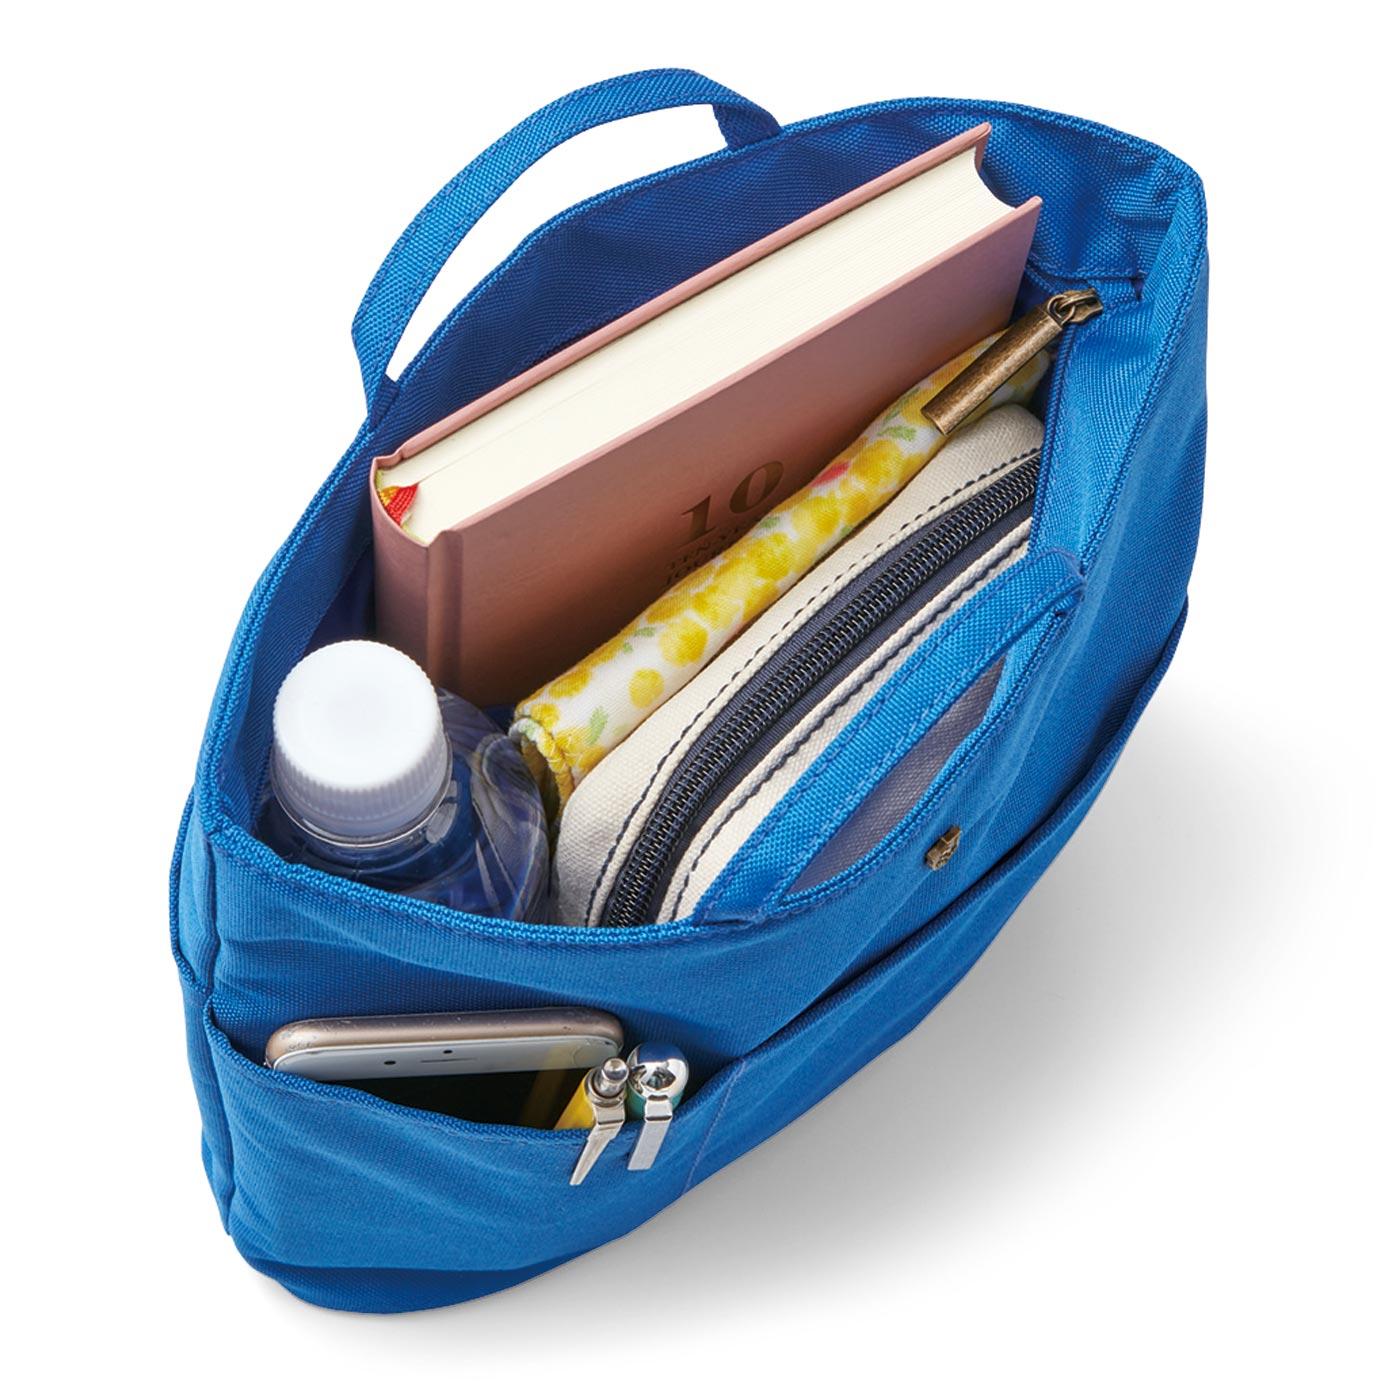 エッセイスト・整理収納アドバイザー柳沢小実さんと作った リュックや深めのバッグを整理整とん 縦型バッグインポケットの会